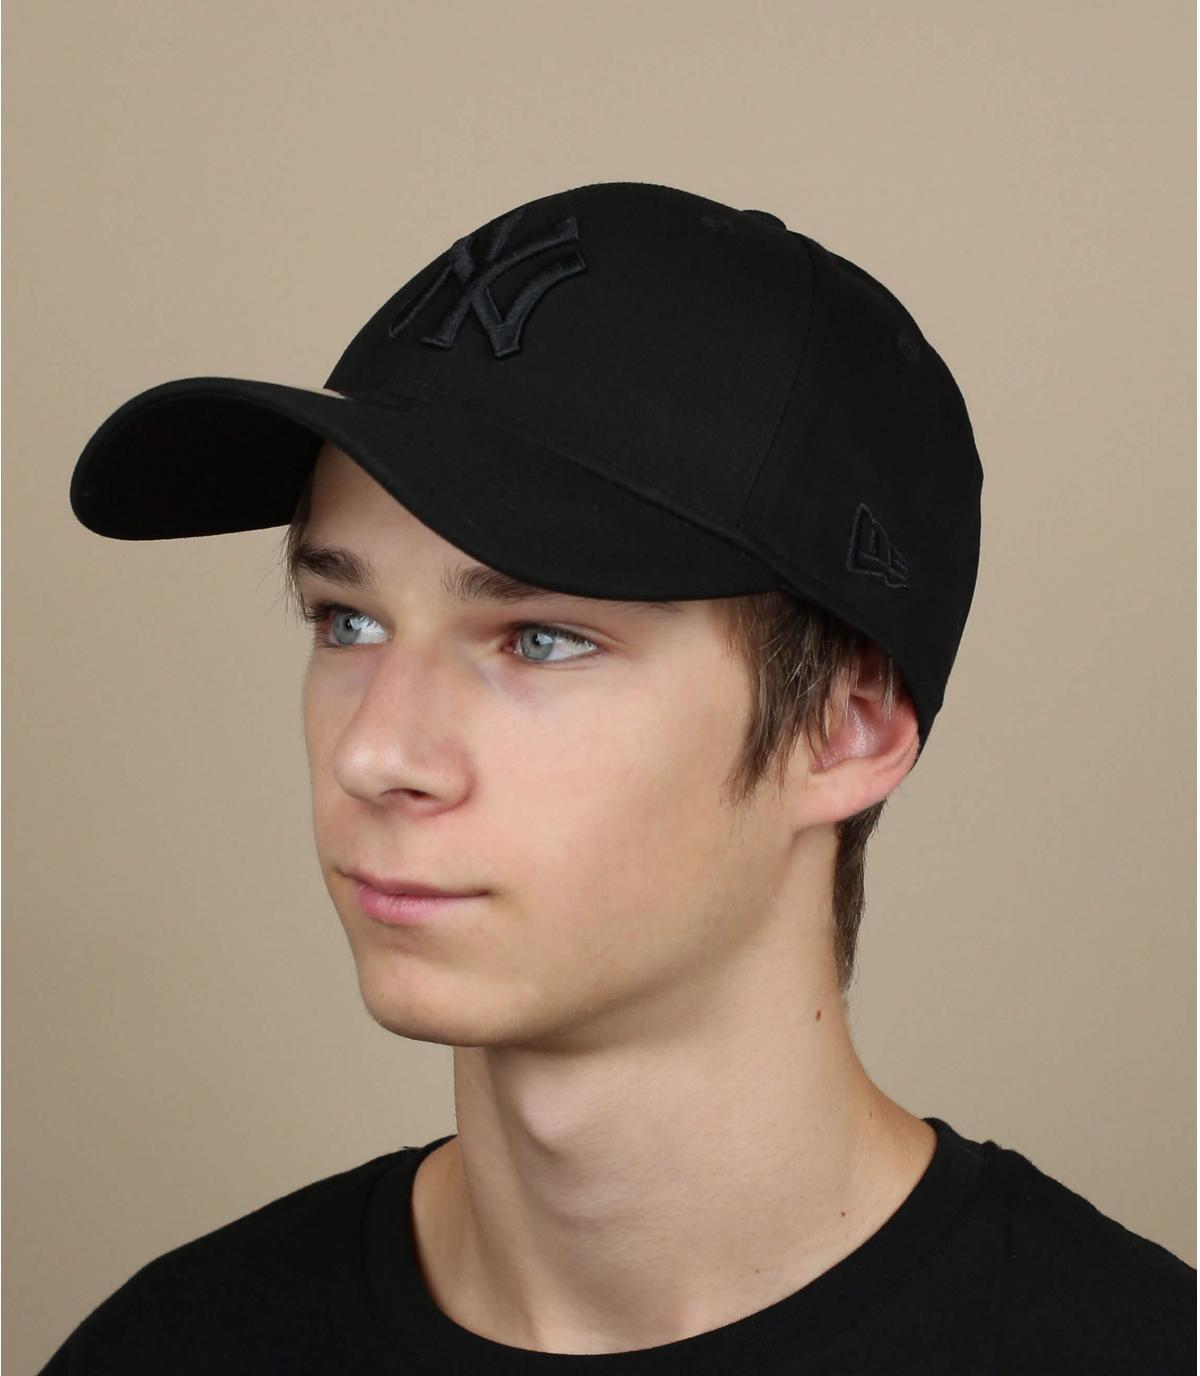 NY zwarte baseball cap